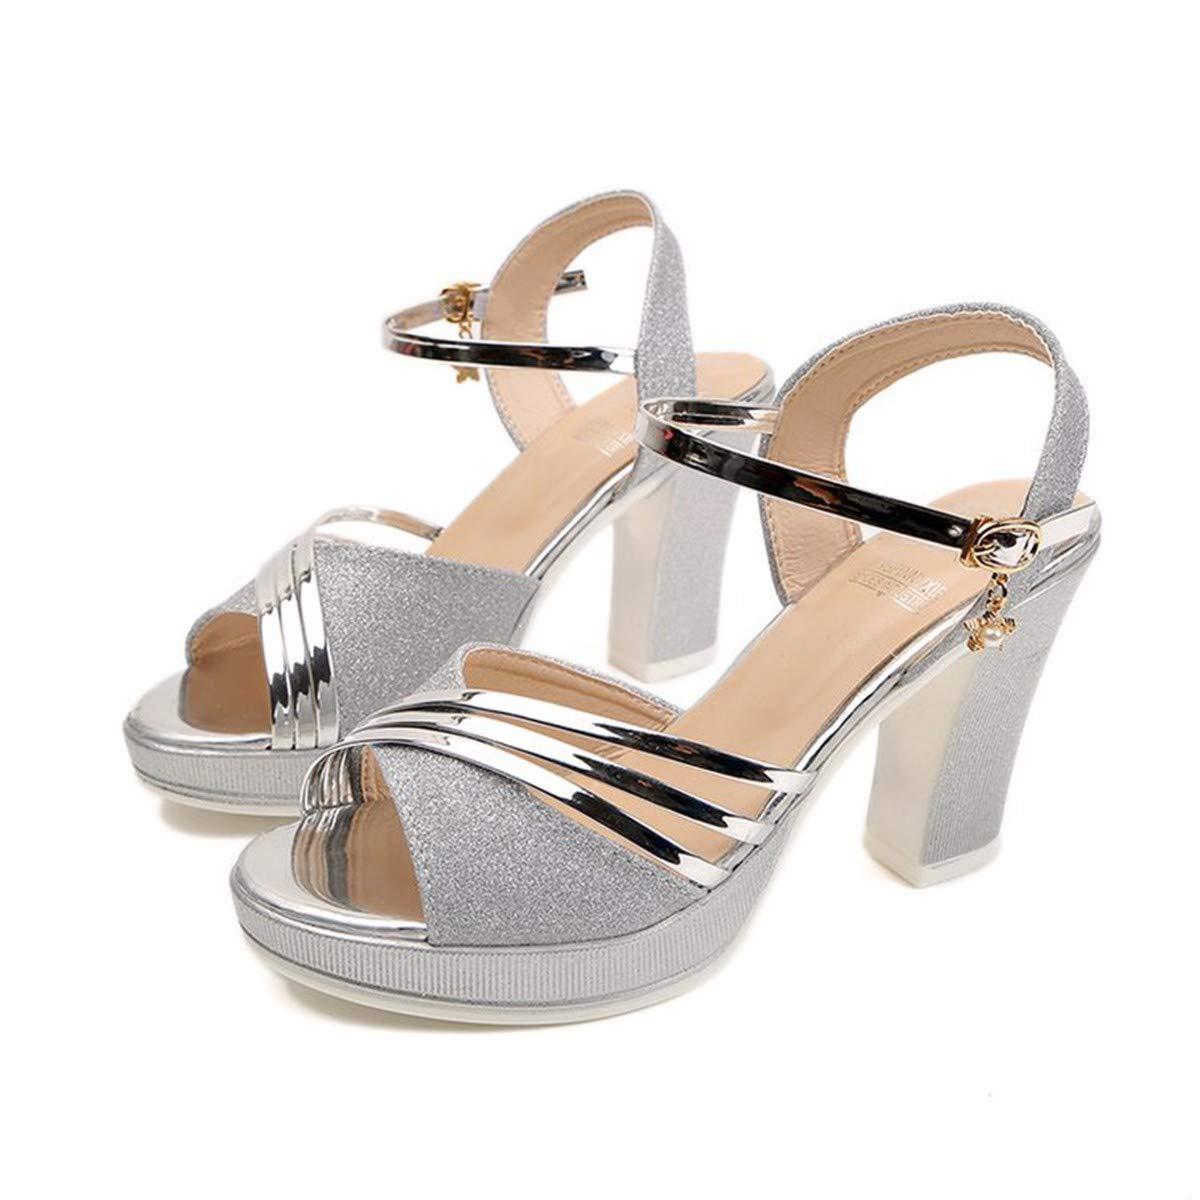 GTVERNH Damenschuhe Mode 10 cm High Heels Sandaletten EIN Wort mit Dicken Fisch Im Mund - Schuhe Rom Mode Damenschuhe.